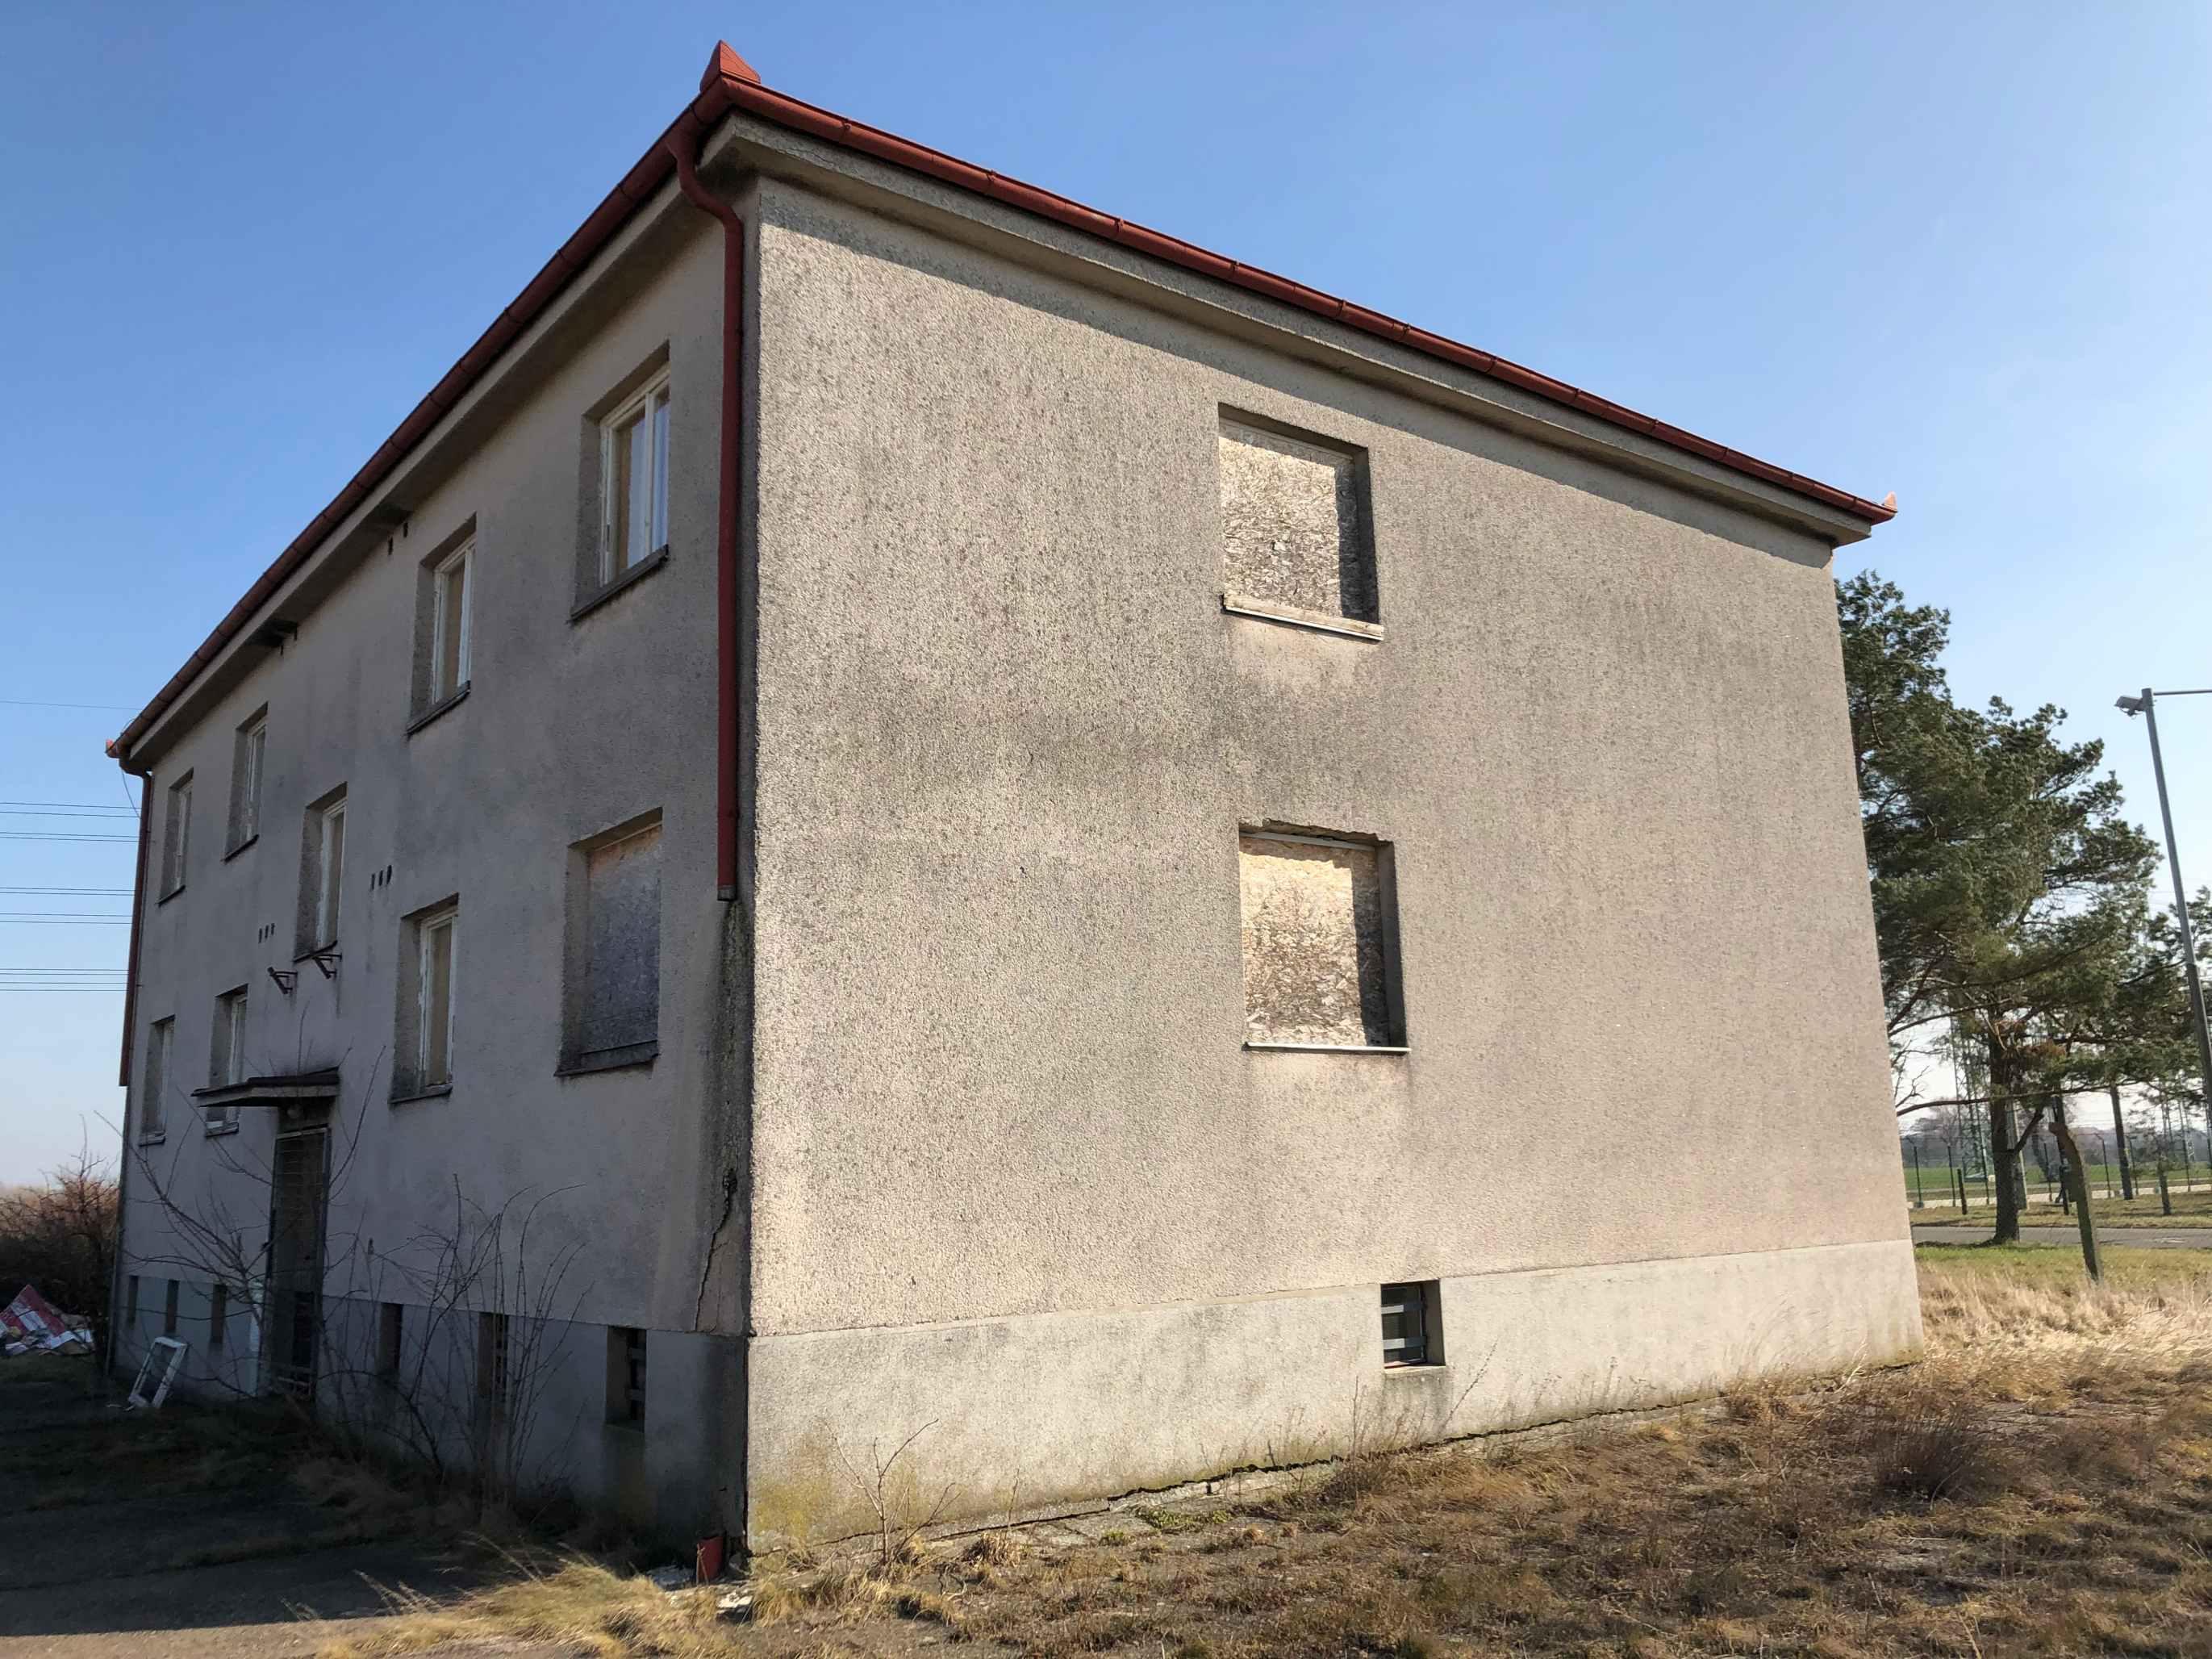 Vícebytový objekt se šesti bytovými jednotkami